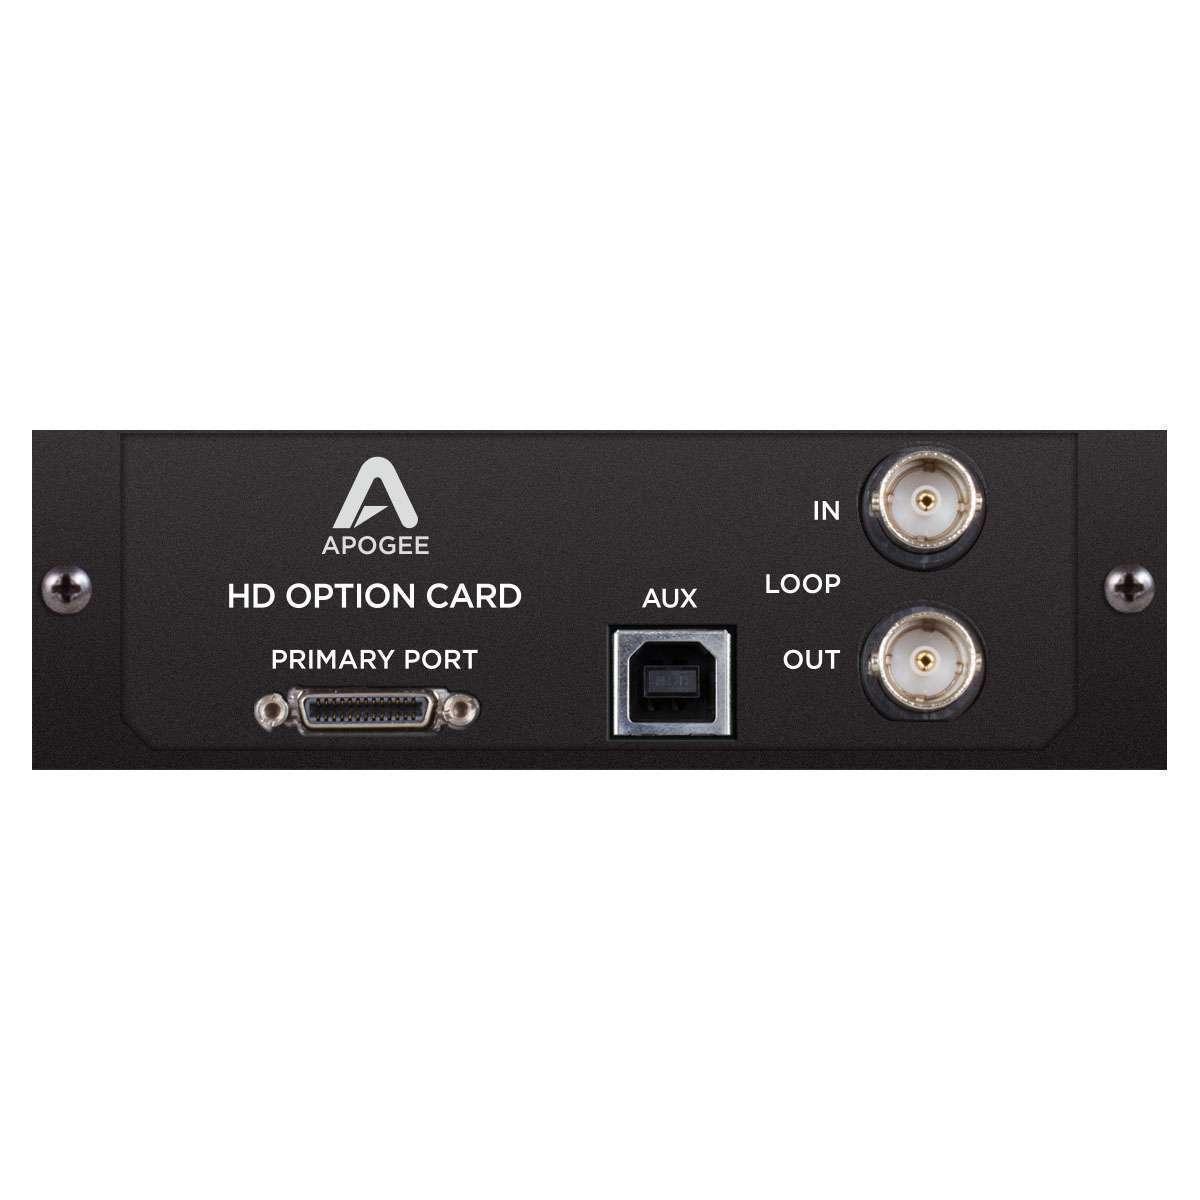 Apogee SYMPHONY IO 8X8 MP MKII PTHD 03 Audio digitale: Convertitori e schede audio, Interfacce e schede audio USB e Thunderbolt per PC e Mac, Strumentazioni Pro Audio per studi di registrazione